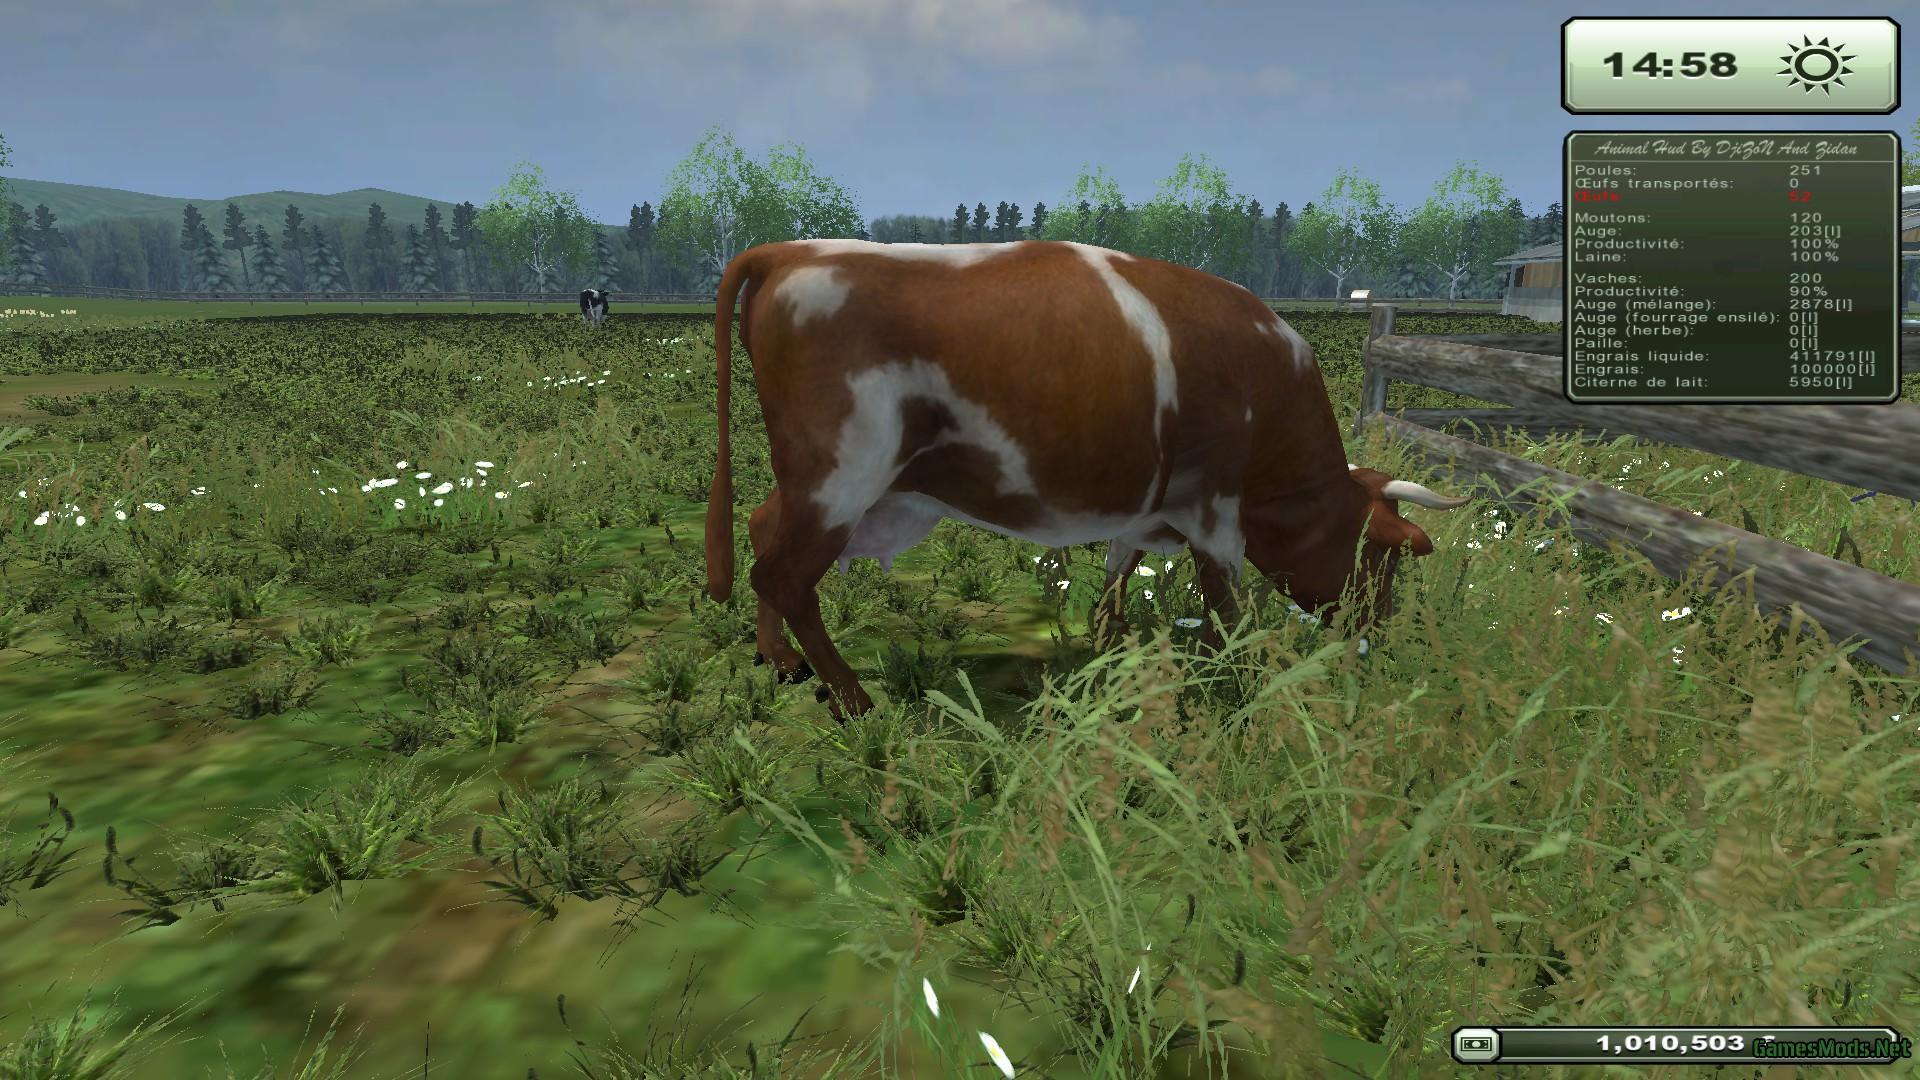 animal hud v2 2 gamesmods net fs19 fs17 ets 2 mods